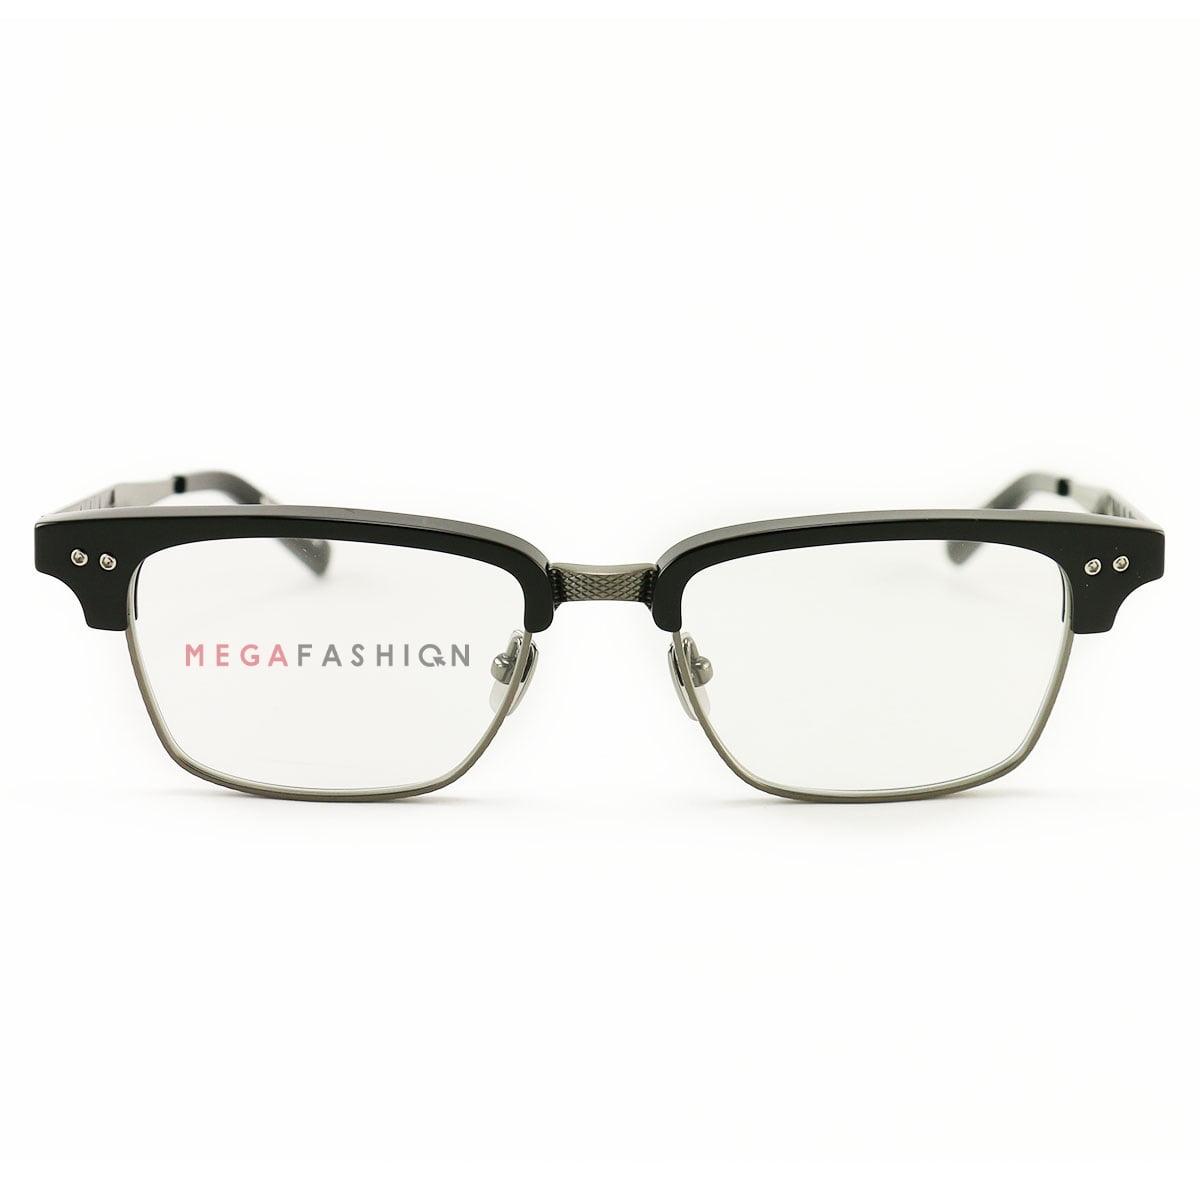 7b8b3bd35c11 New dita eyeglasses statesman three a black titanium jpeg 450x450 Three drx